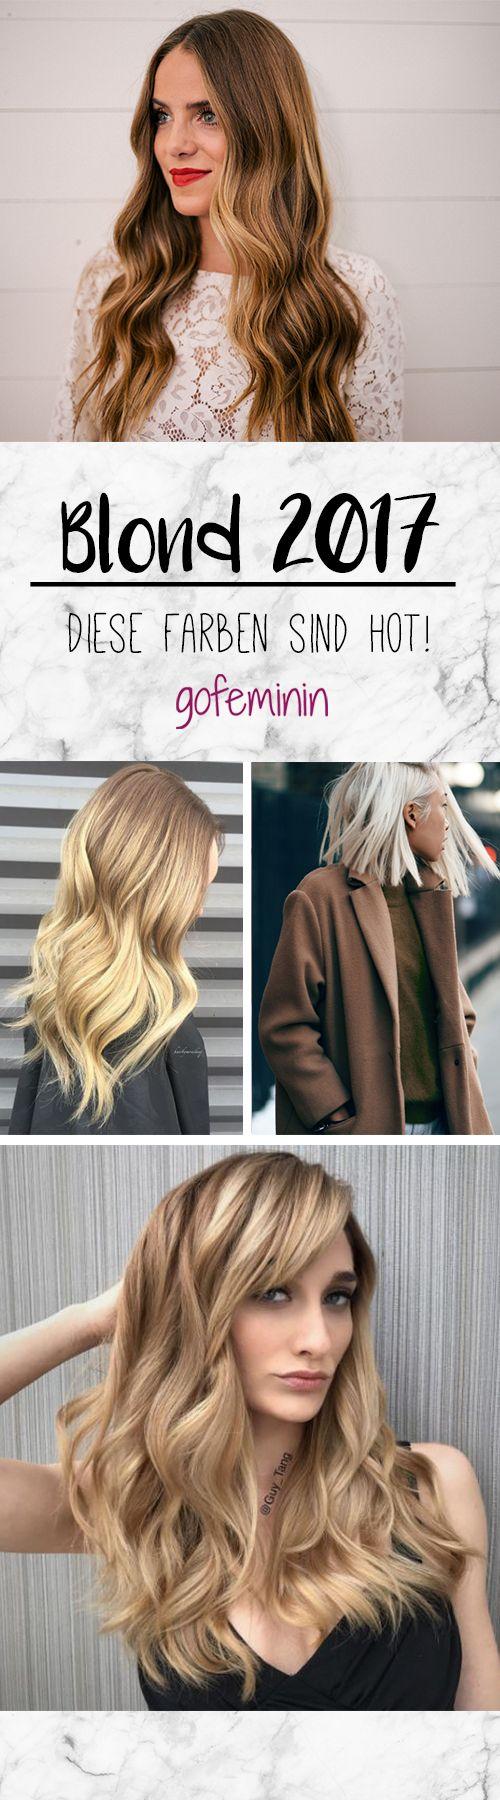 Ob Blonde mehr Spaß haben, wissen wir nicht, aber eins können wir euch sagen: Blond ist Trend!